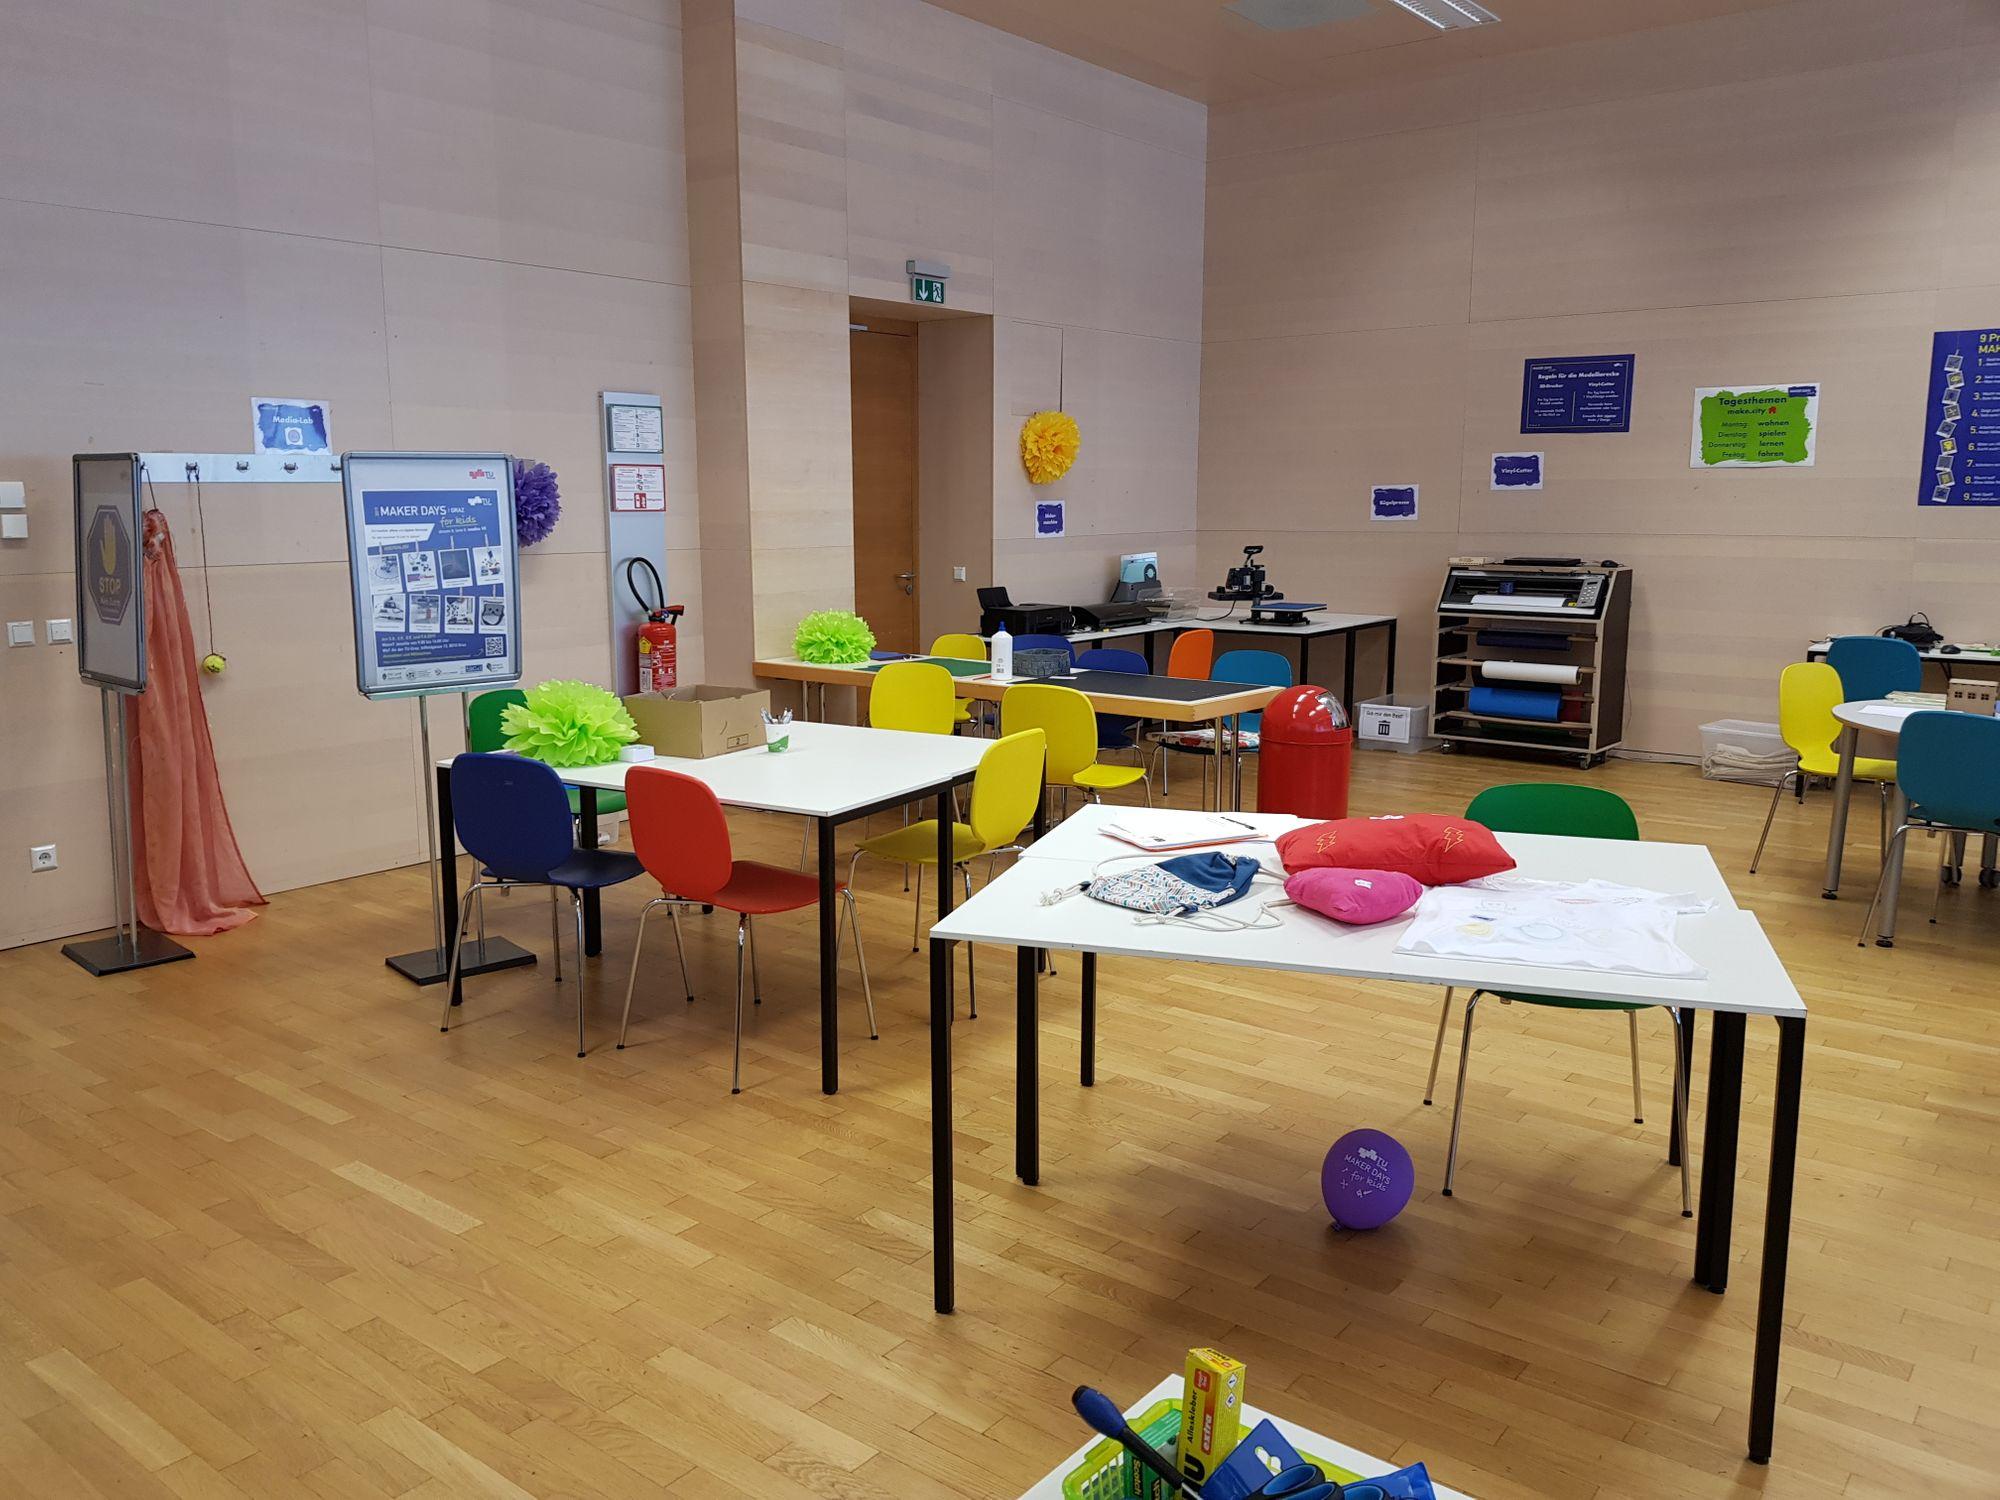 Blick in den Makerspace 2 mit verschiedenen Kreativstationen.